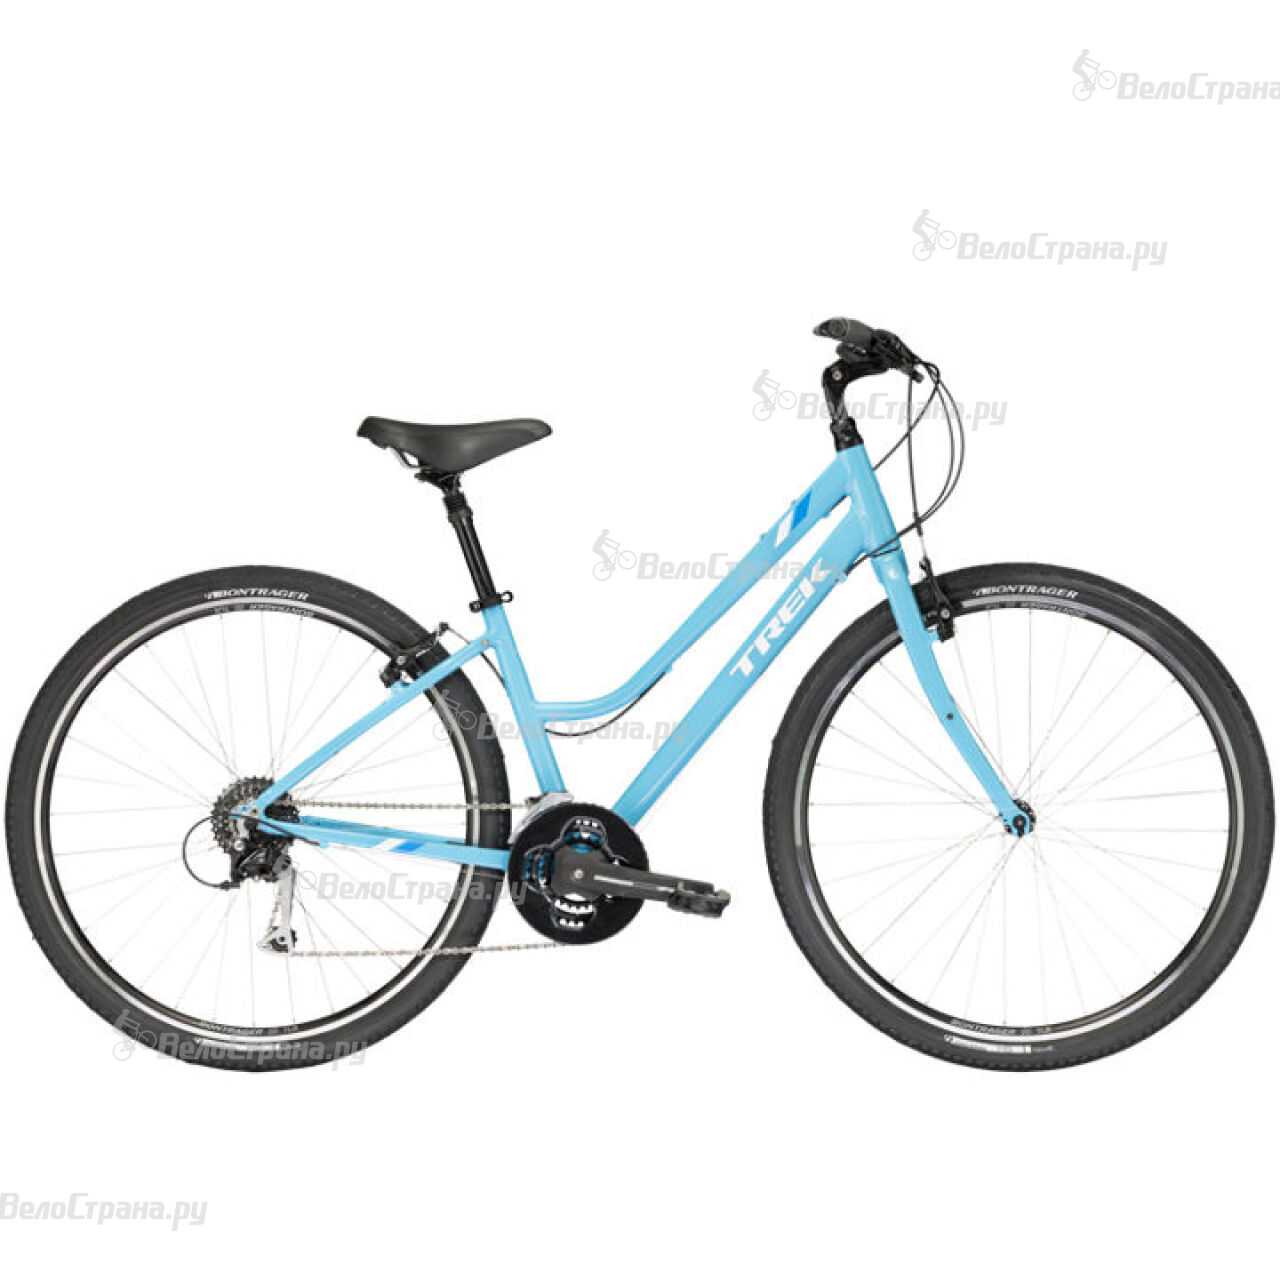 Велосипед Trek Verve 3 WSD (2017) велосипед trek verve 3 wsd 2017